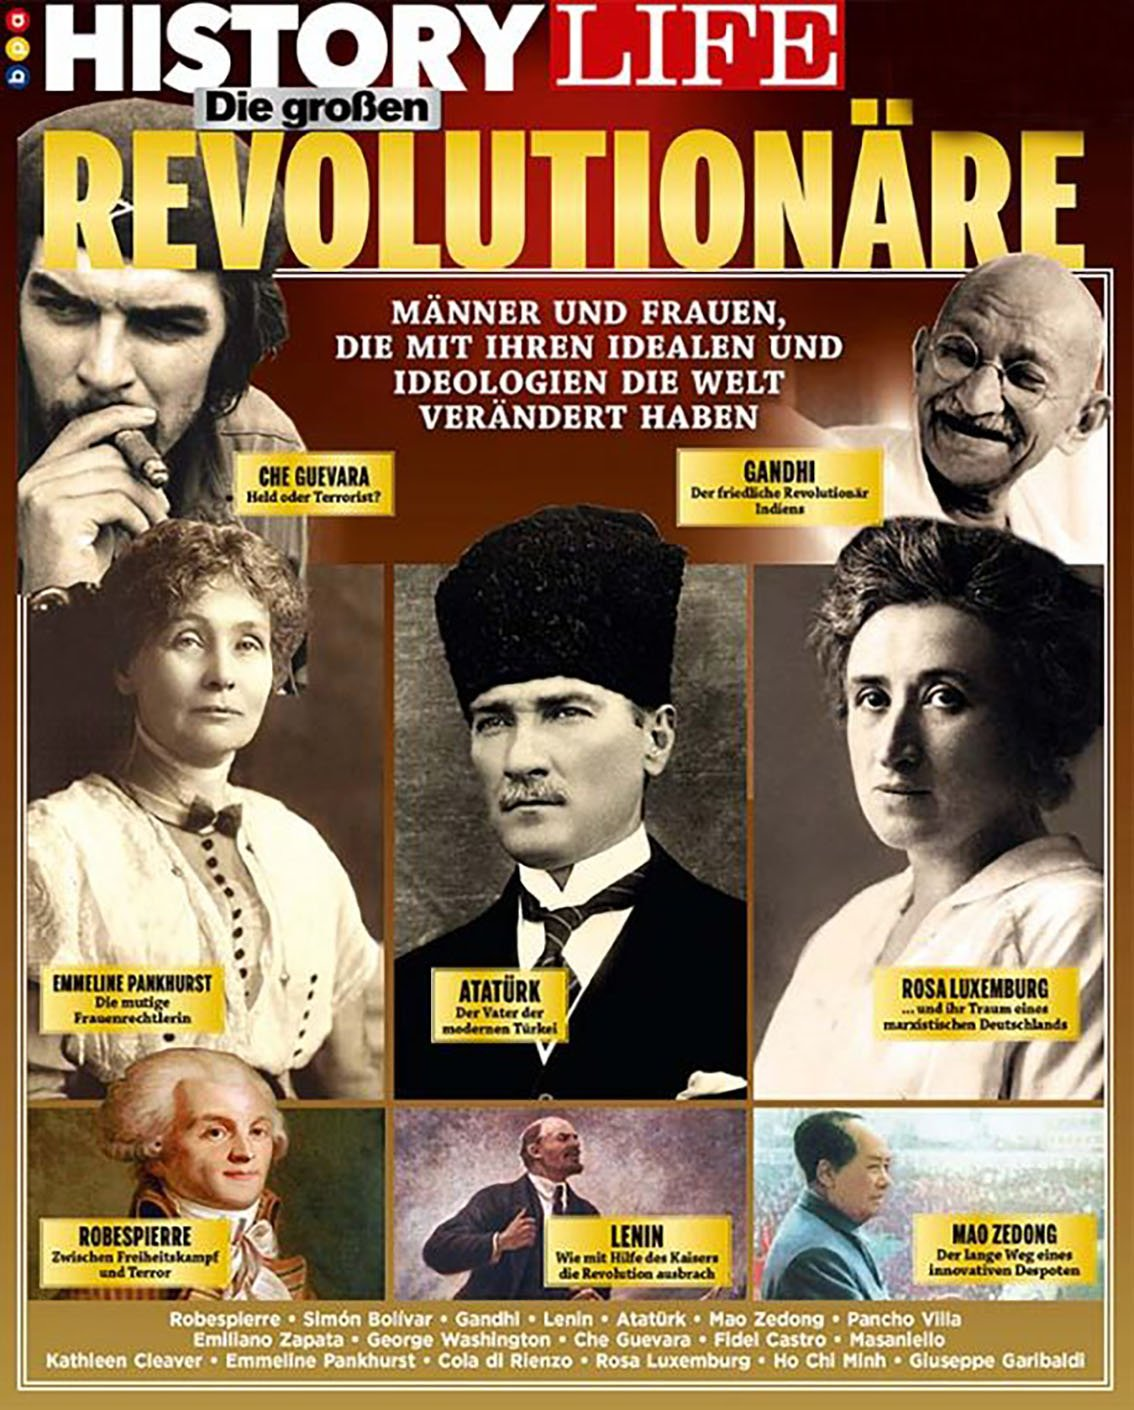 En büyük devrimciler listesinin merkezinde Atatürk var